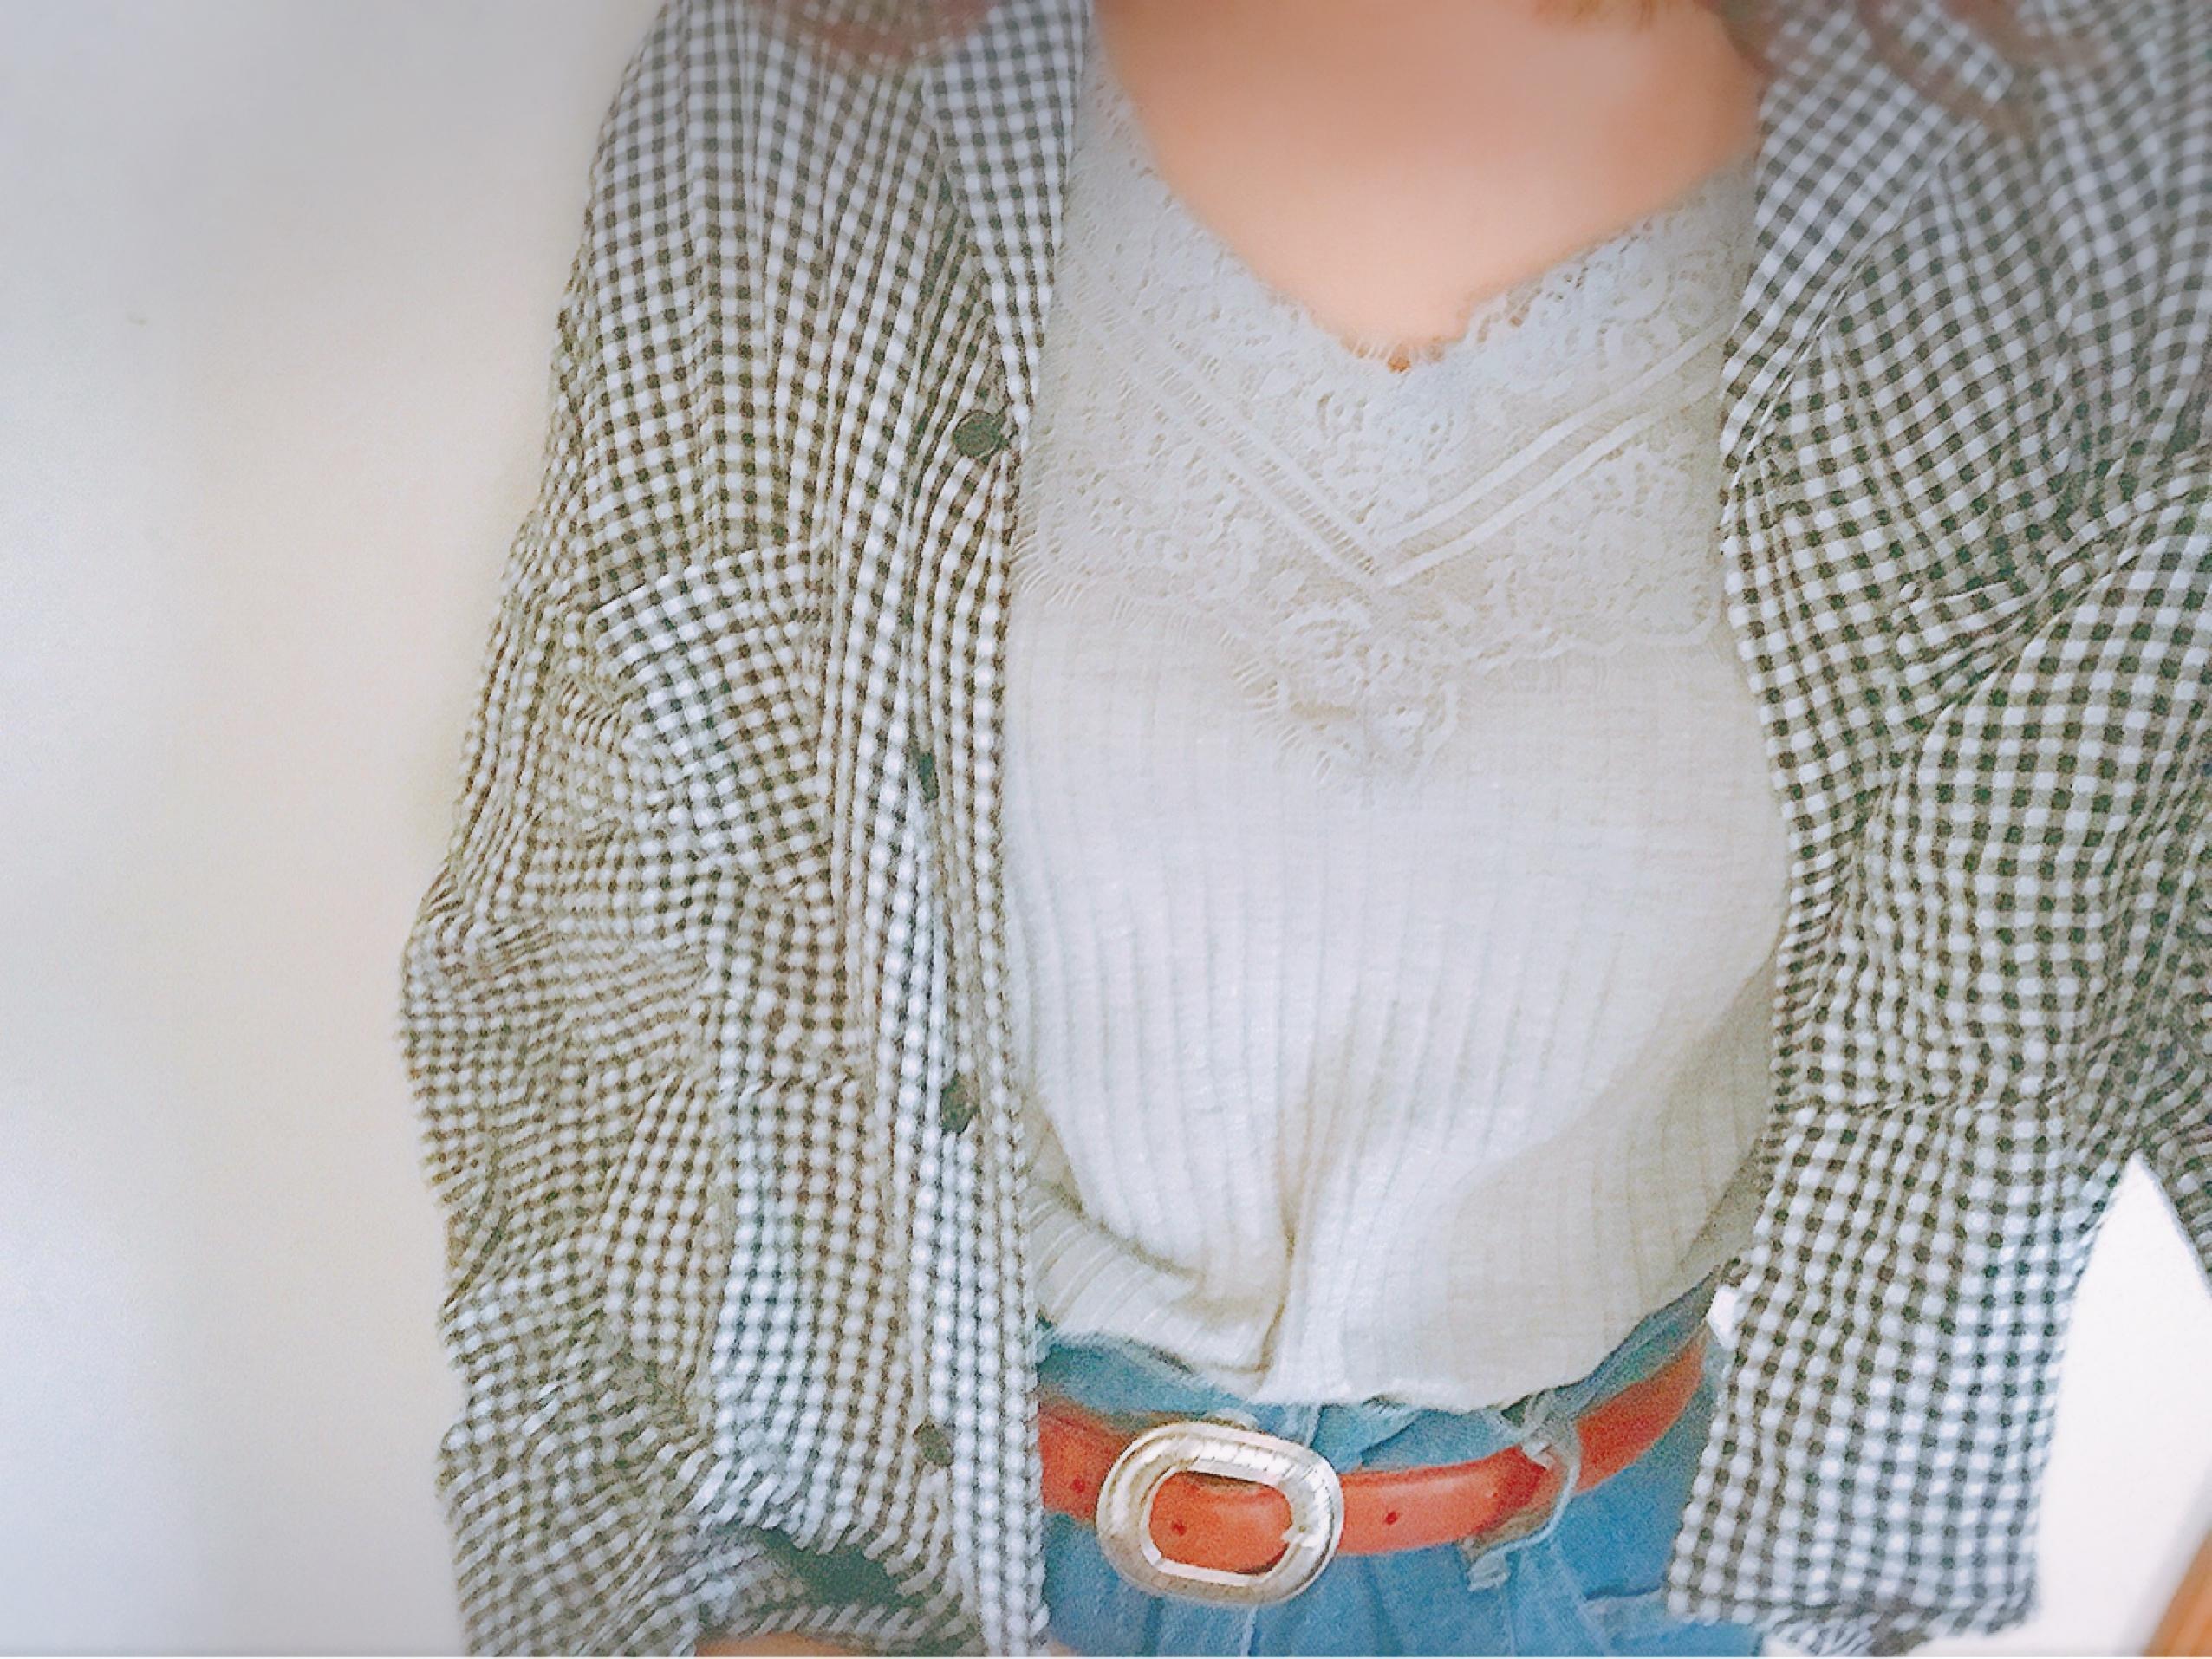 【この季節何着る?】ギンガムチェックの開襟シャツを着回し୧⃛(๑⃙⃘•ω•๑⃙⃘)୨⃛♪♪_1_1